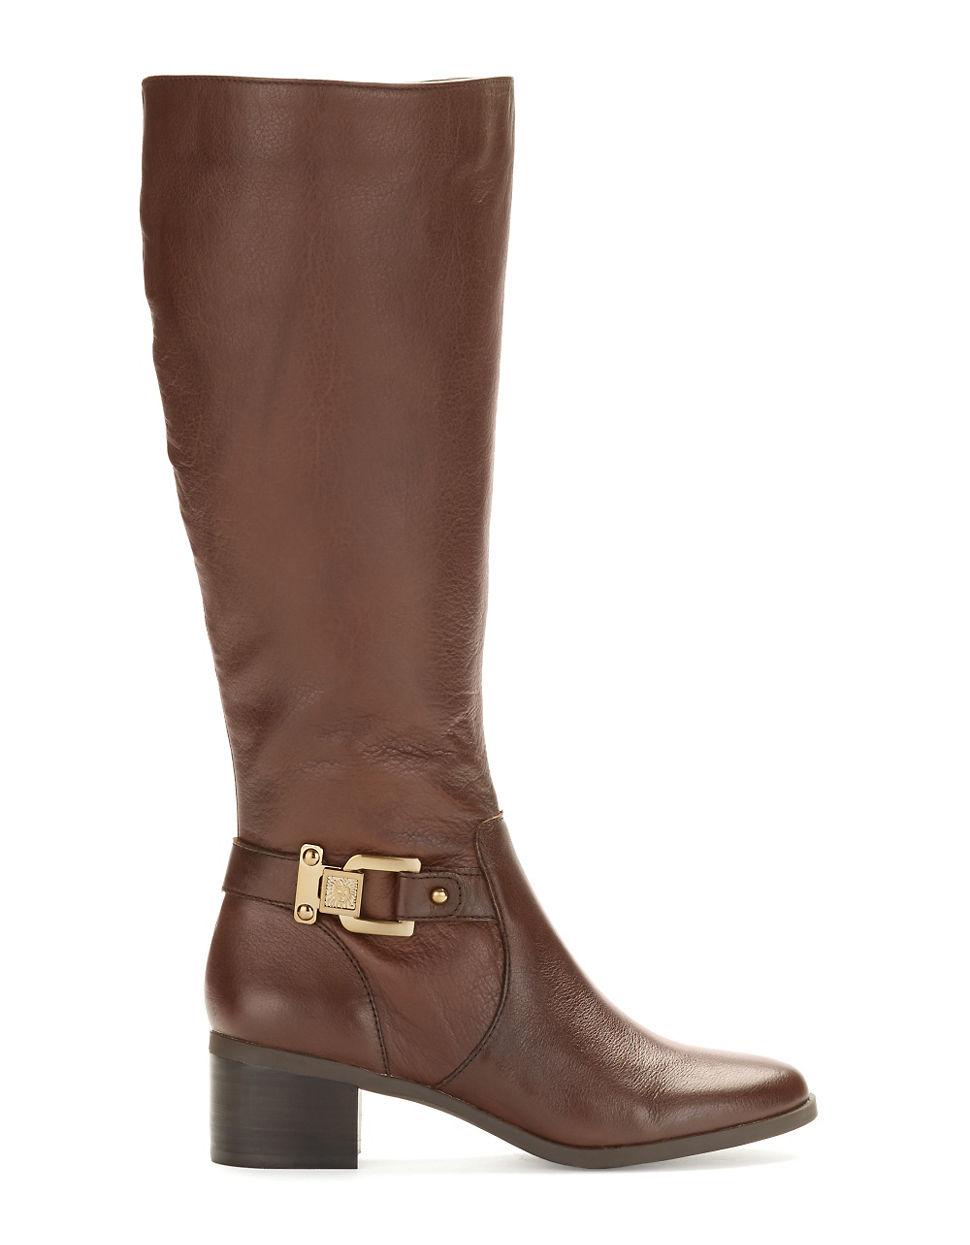 klein joetta wide calf boots in brown lyst